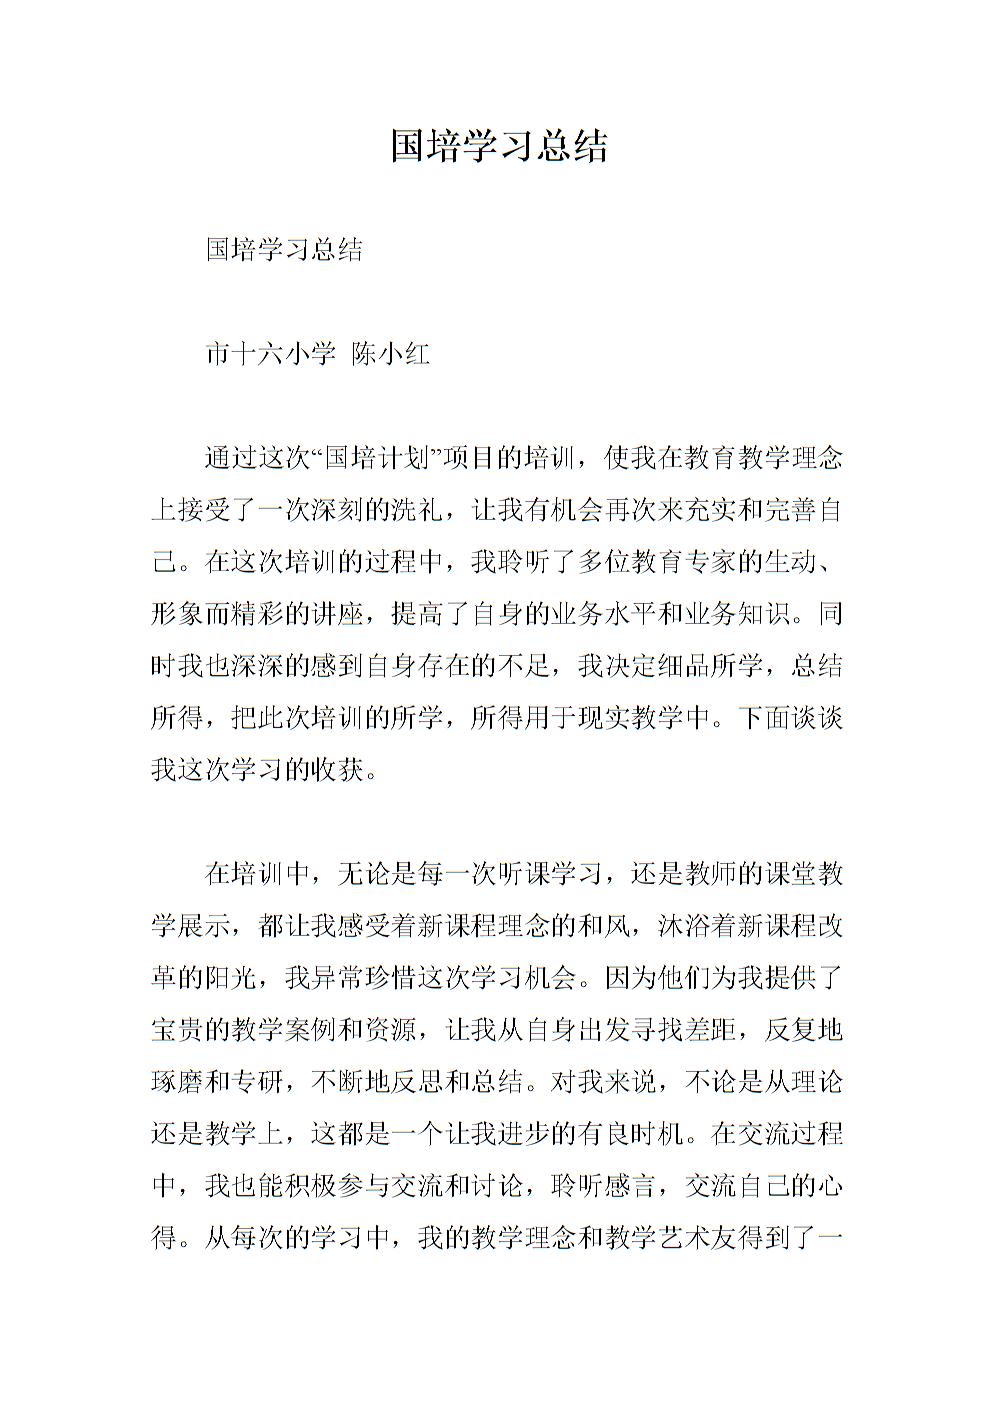 国培学习总结_111113.doc